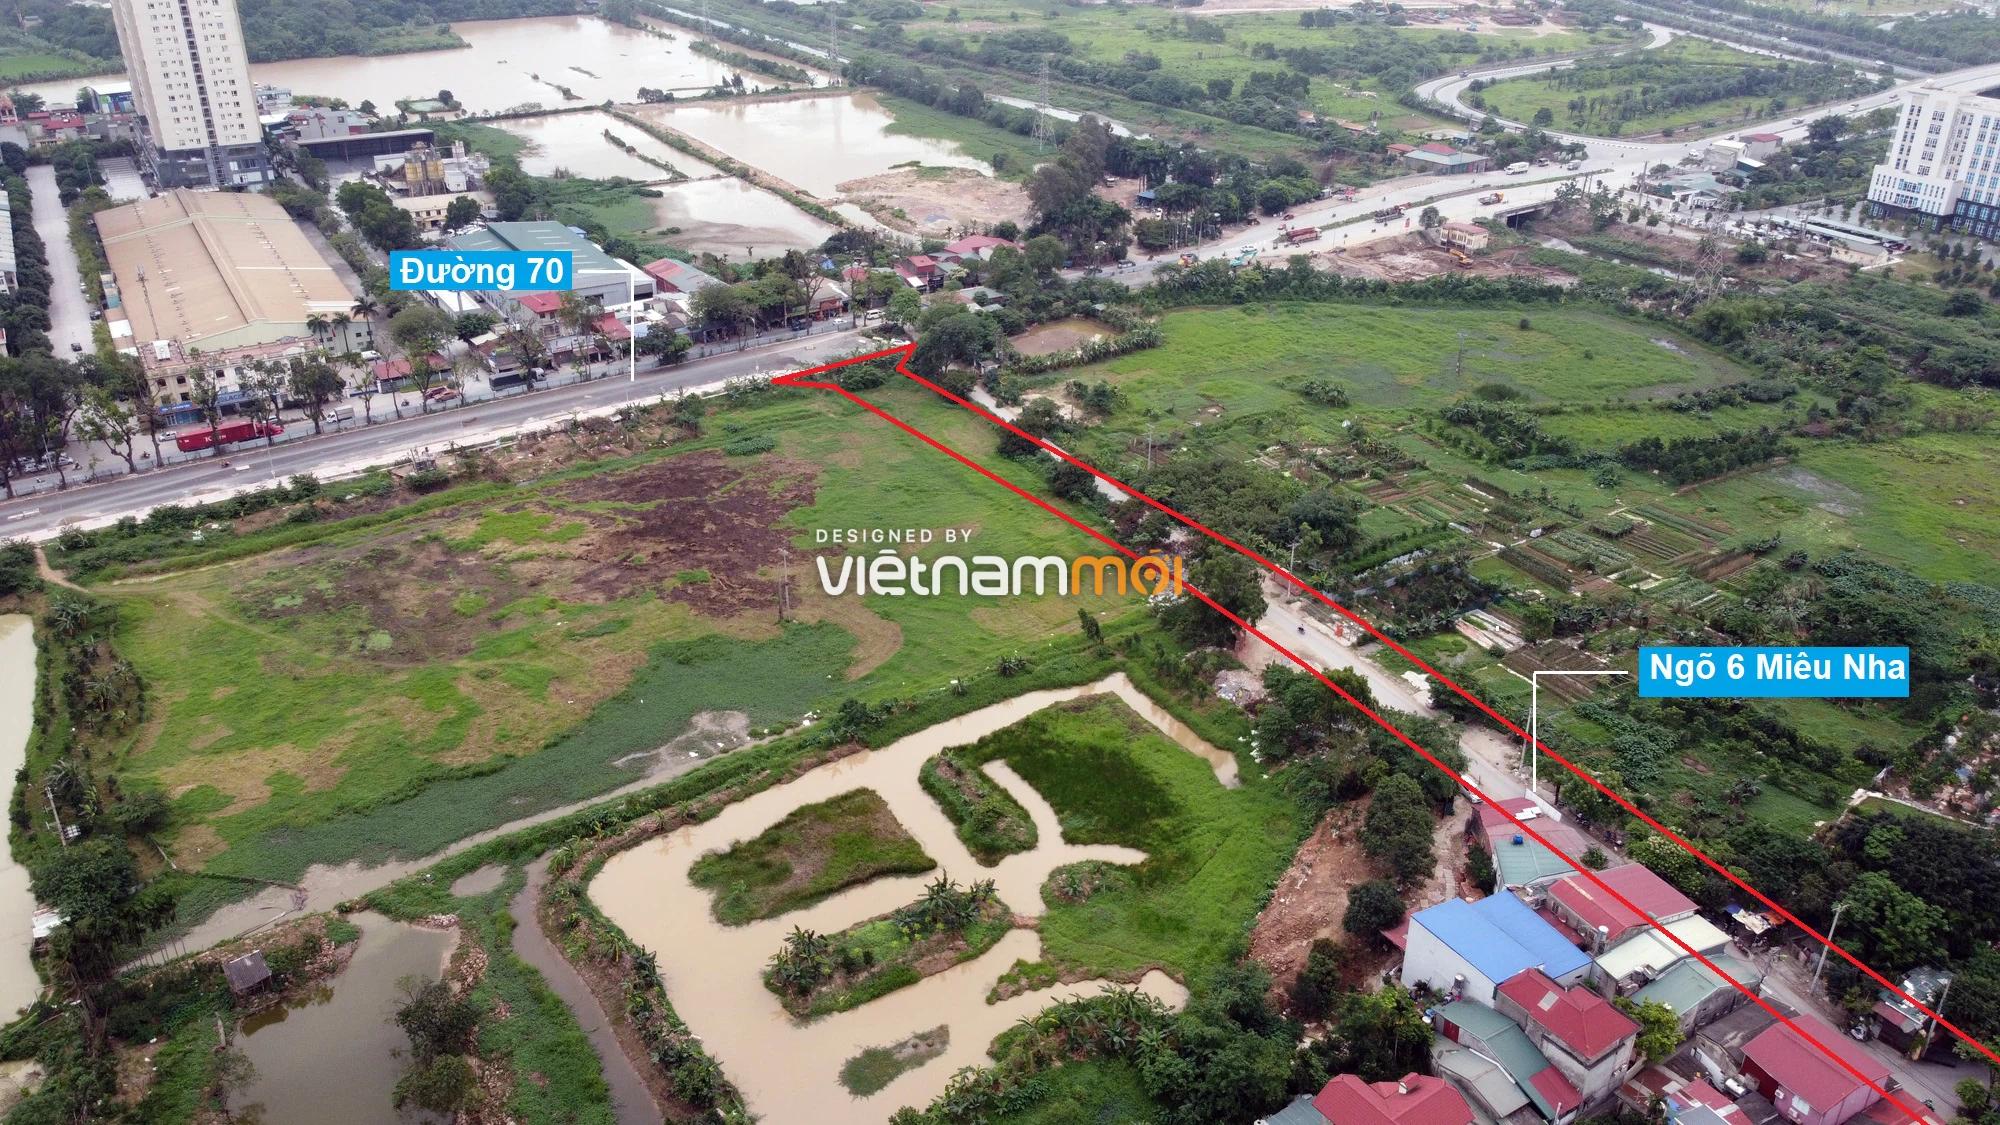 Những khu đất sắp thu hồi để mở đường ở phường Tây Mỗ, Nam Từ Liêm, Hà Nội (phần 5) - Ảnh 3.